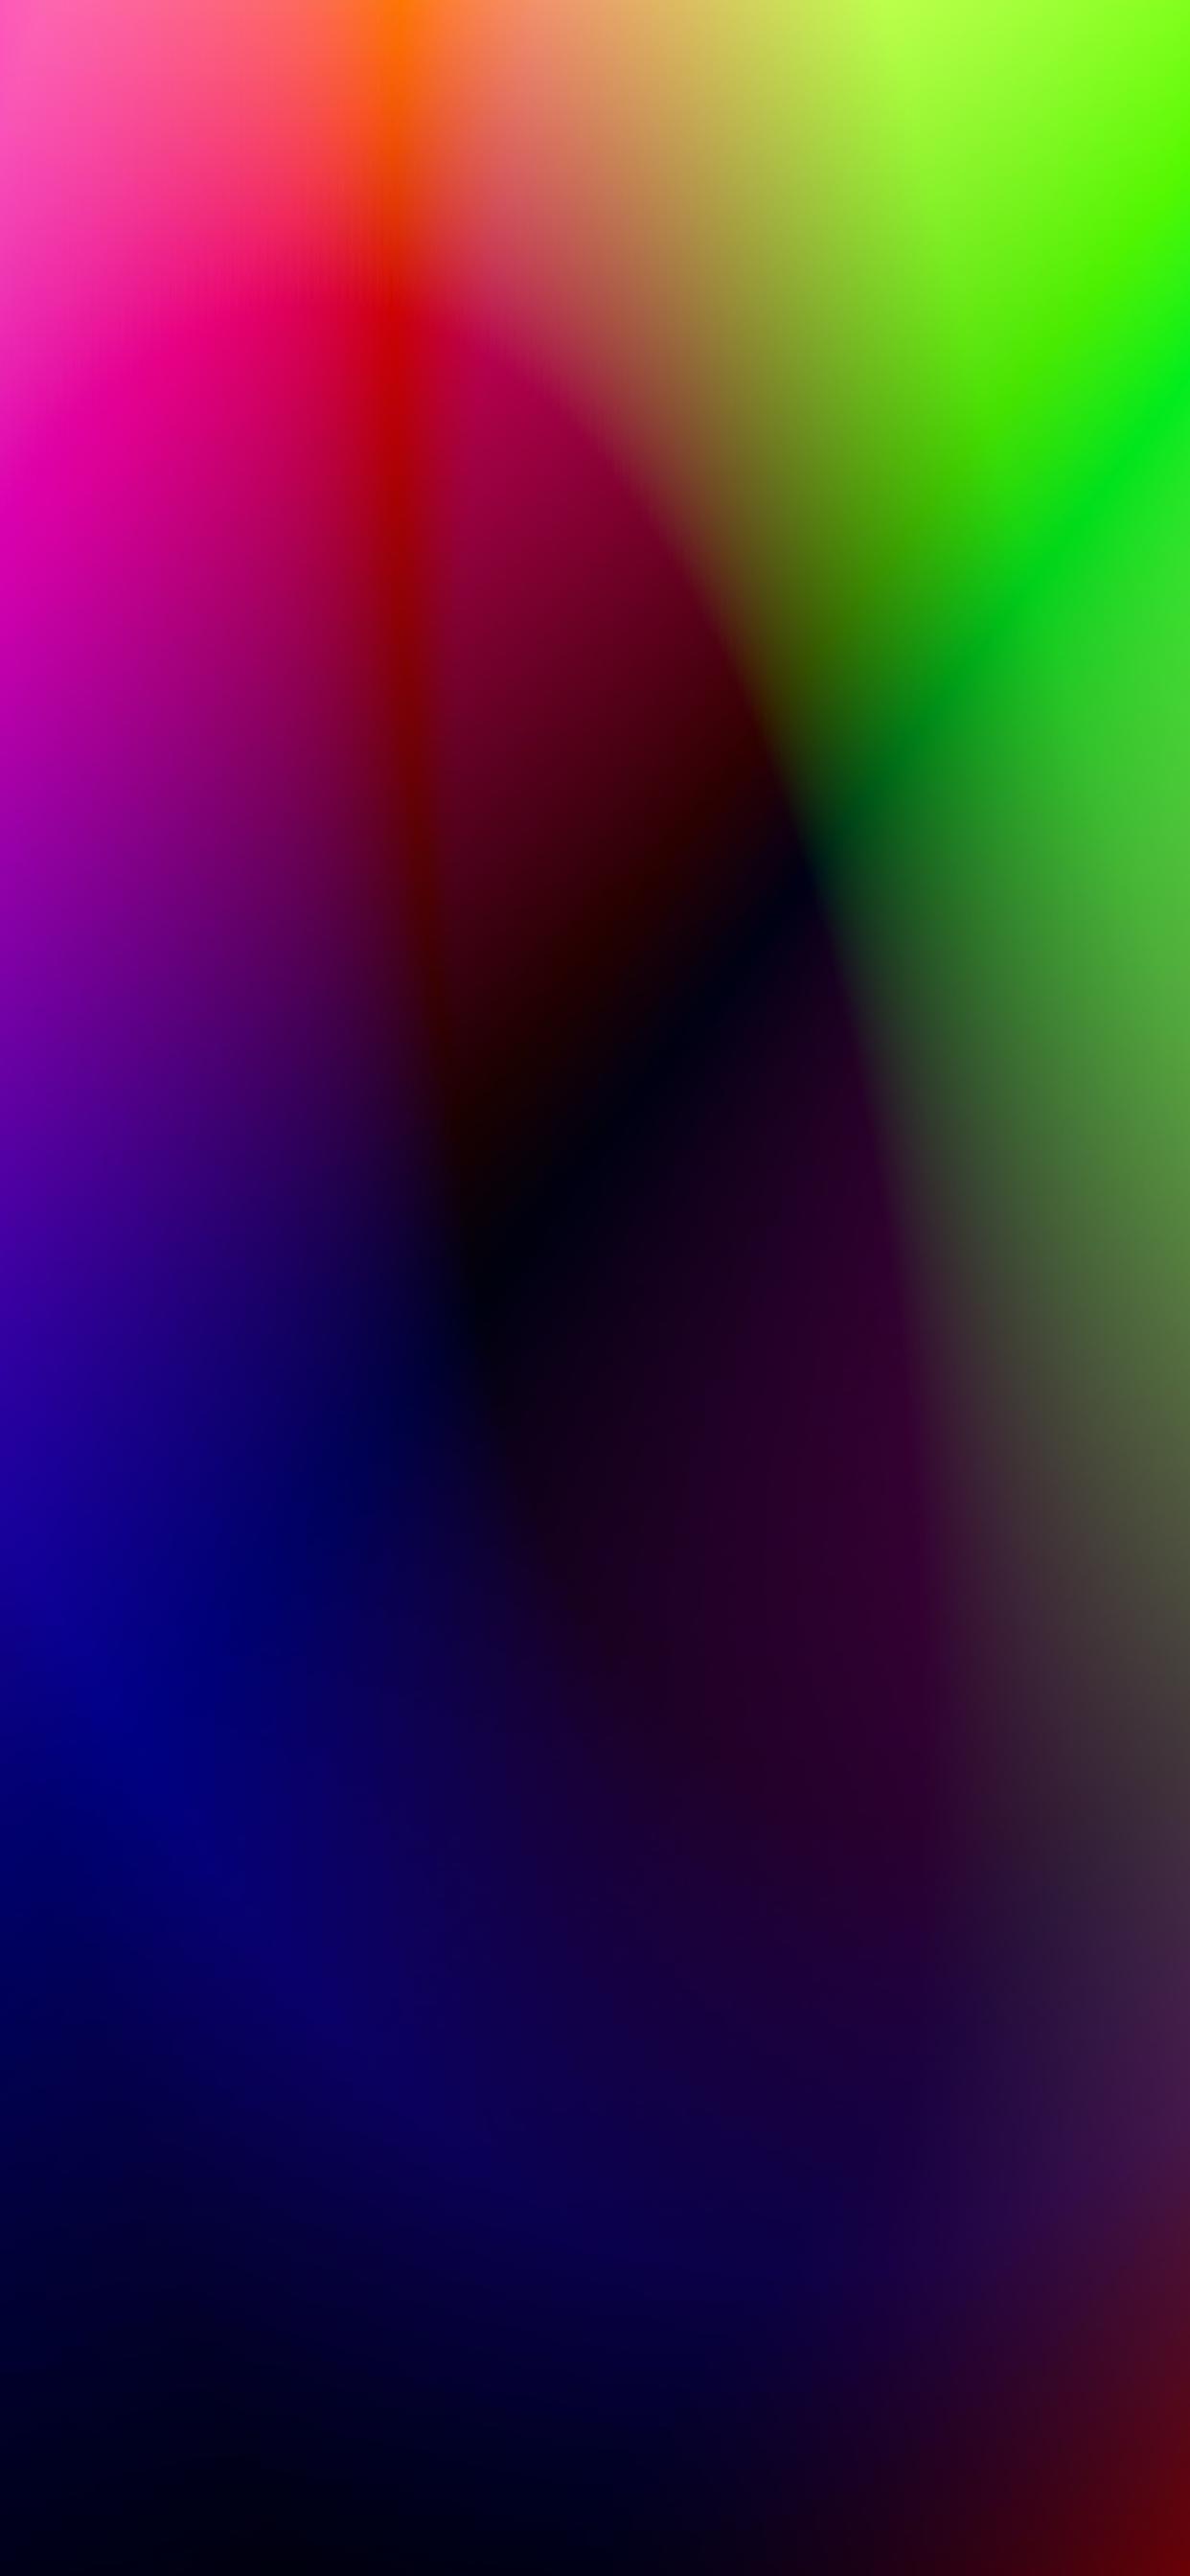 iPhone wallpapers gradient colors purple green blue Fonds d'écran iPhone du 27/05/2020